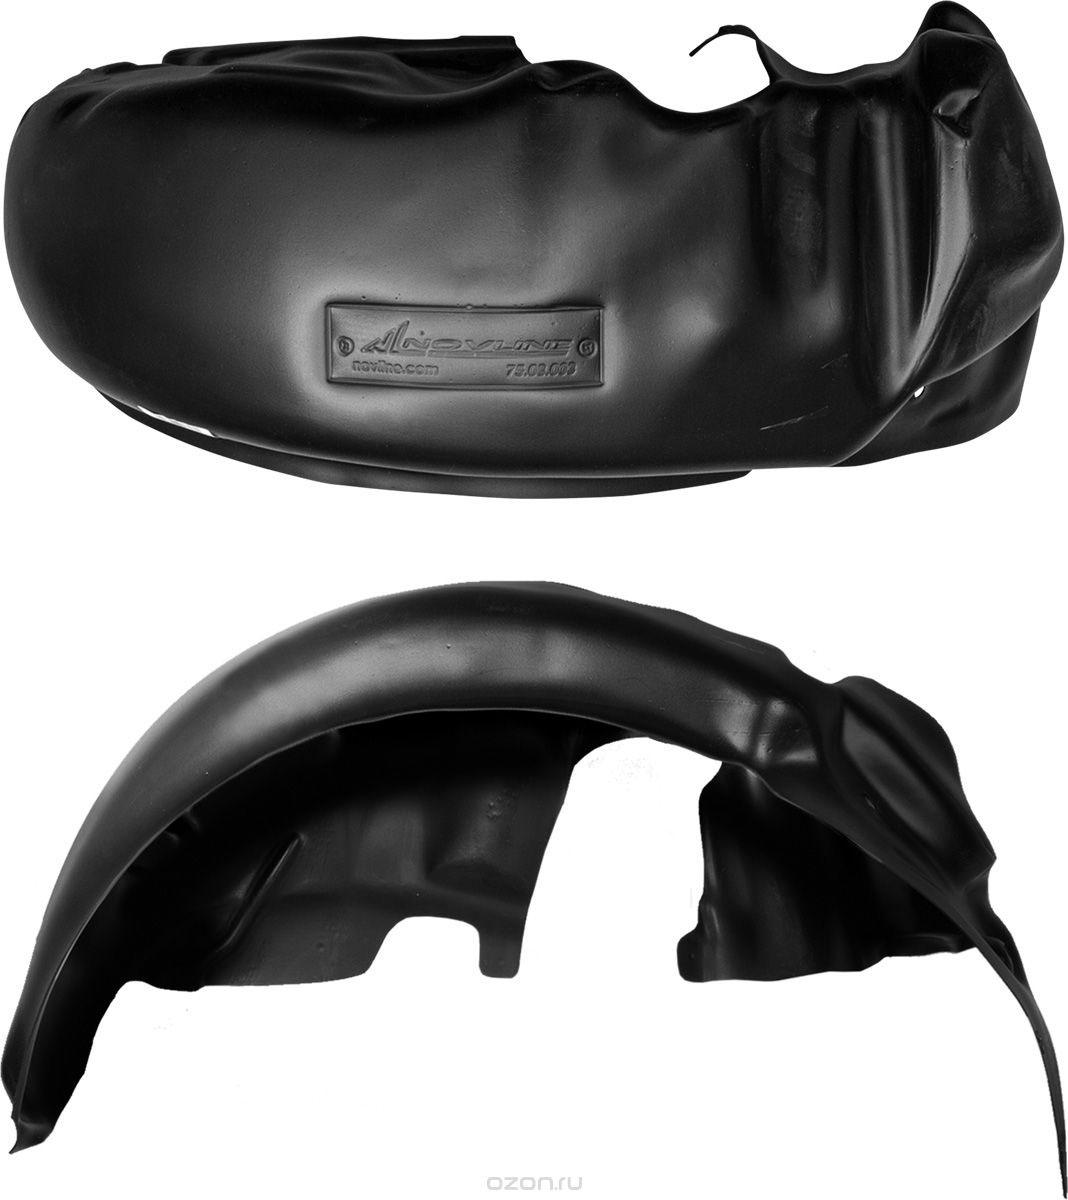 Подкрылок Novline-Autofamily, для DAEWOO Matiz 2005->, задний правый001904Идеальная защита колесной ниши. Локеры разработаны с применением цифровых технологий, гарантируют максимальную повторяемость поверхности арки. Изделия устанавливаются без нарушения лакокрасочного покрытия автомобиля, каждый подкрылок комплектуется крепежом. Уважаемые клиенты, обращаем ваше внимание, что фотографии на подкрылки универсальные и не отражают реальную форму изделия. При этом само изделие идет точно под размер указанного автомобиля.